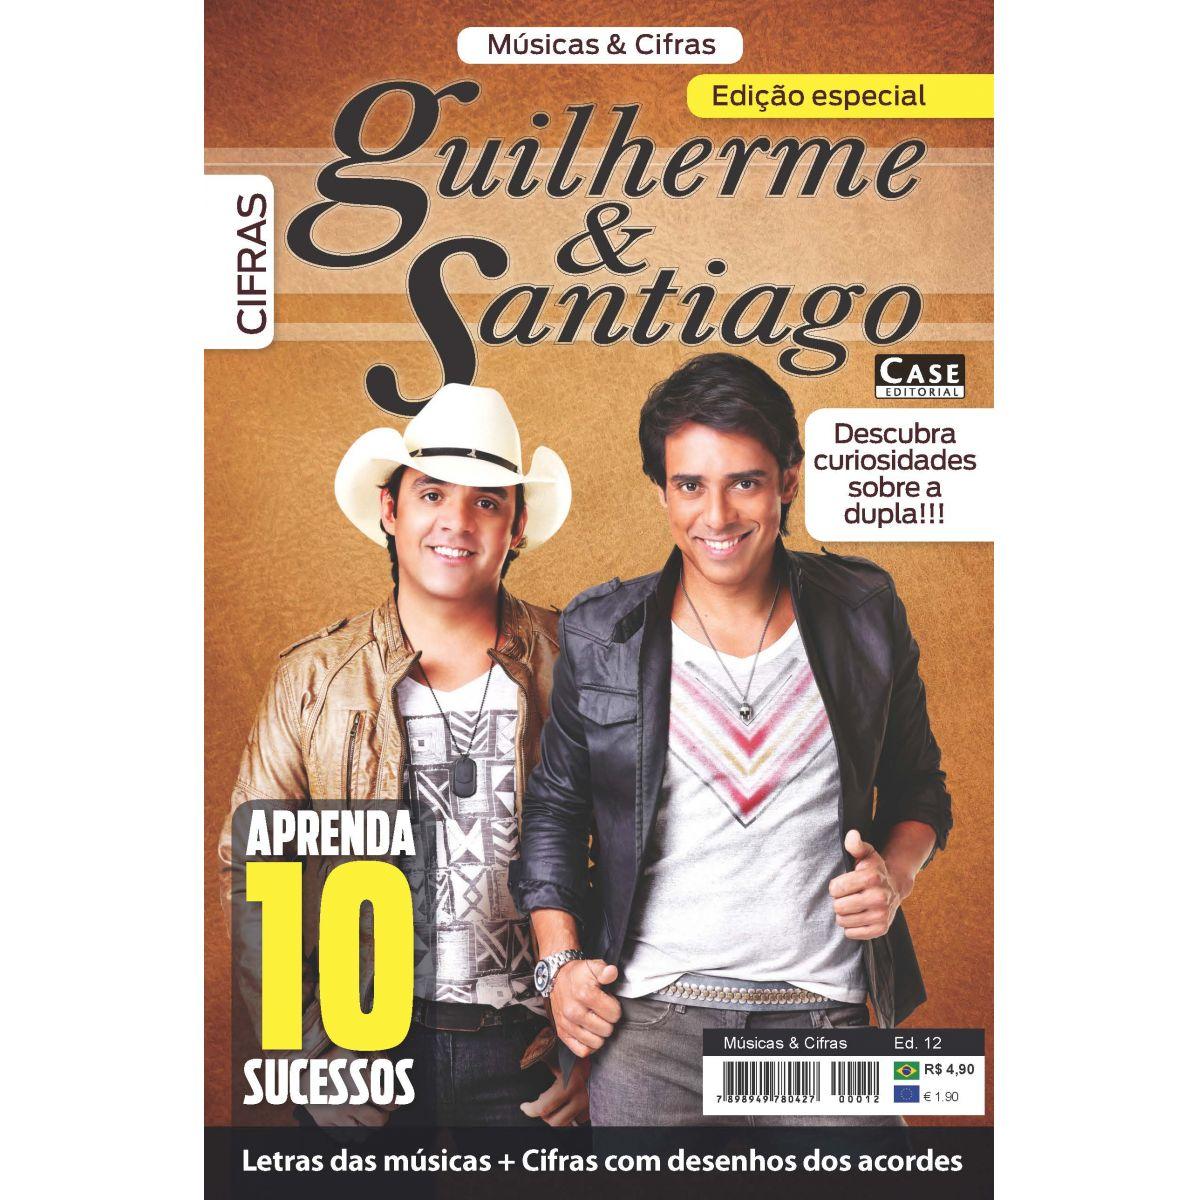 Músicas & Cifras - Edição 12  - Case Editorial